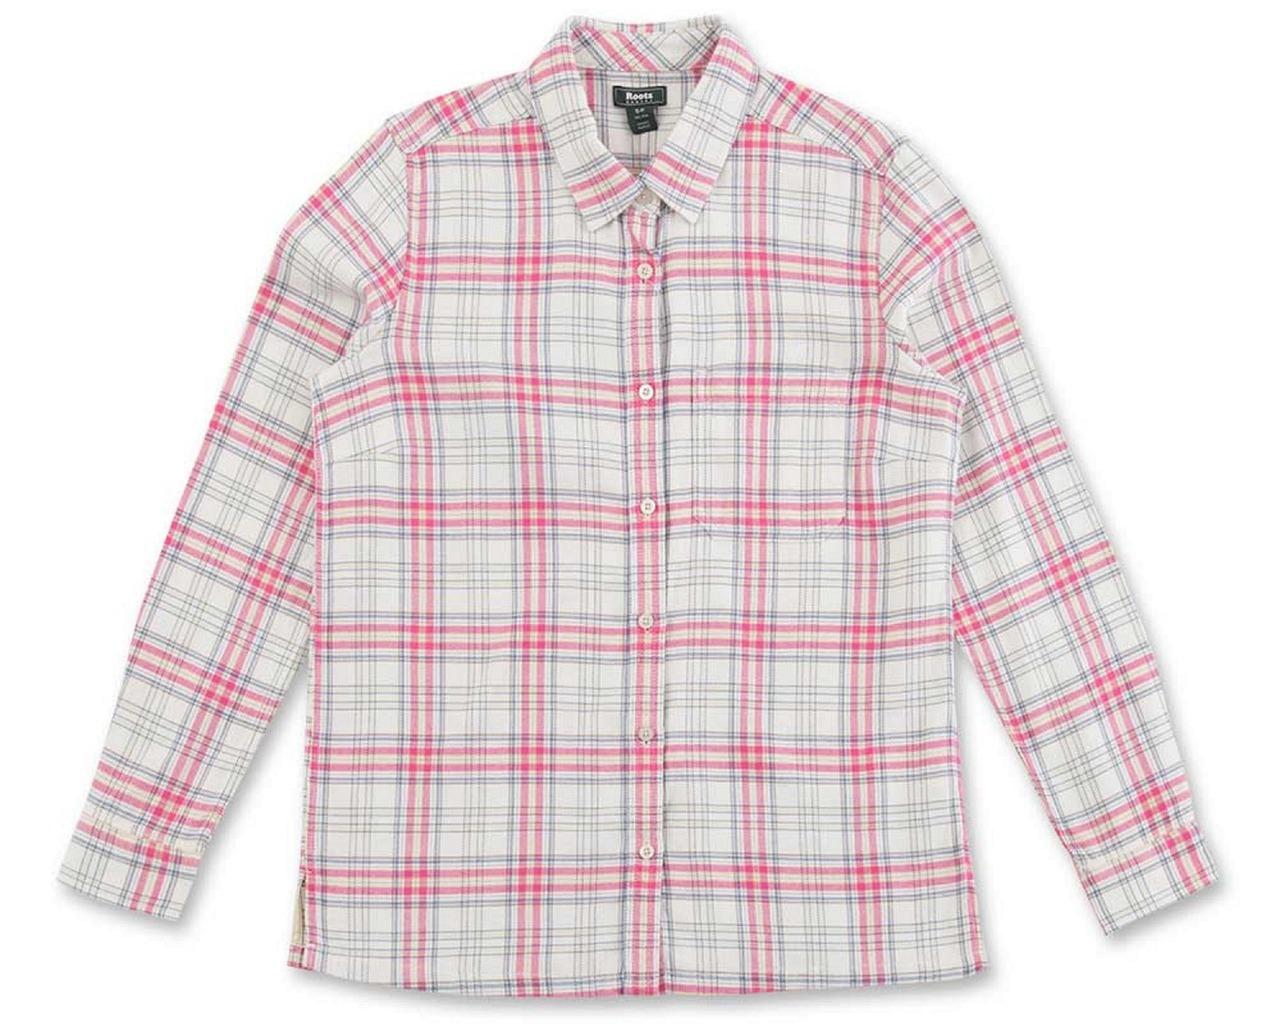 ROOTS精選女款格紋襯衫,原價2,780元,1折特價290元。圖/禮客時尚館提...